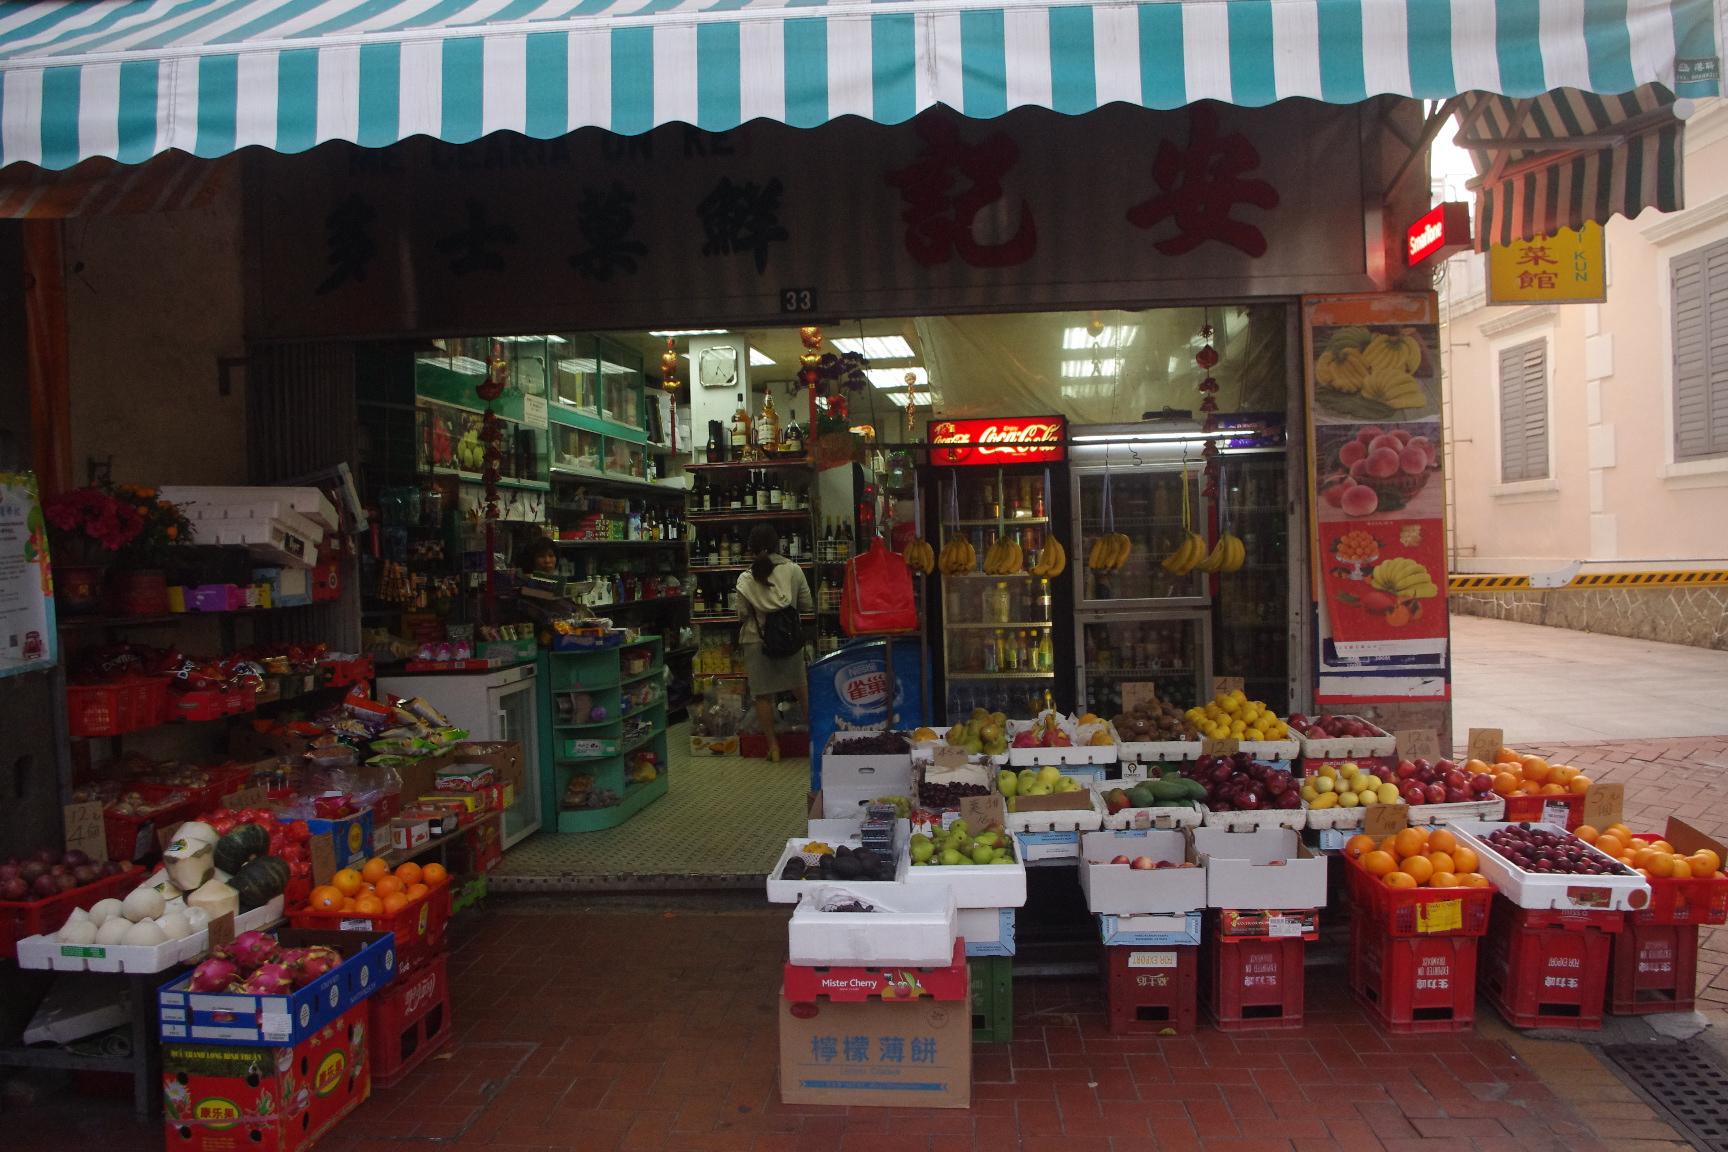 マカオの街中の野菜・果物などを売るお店(コロアン)